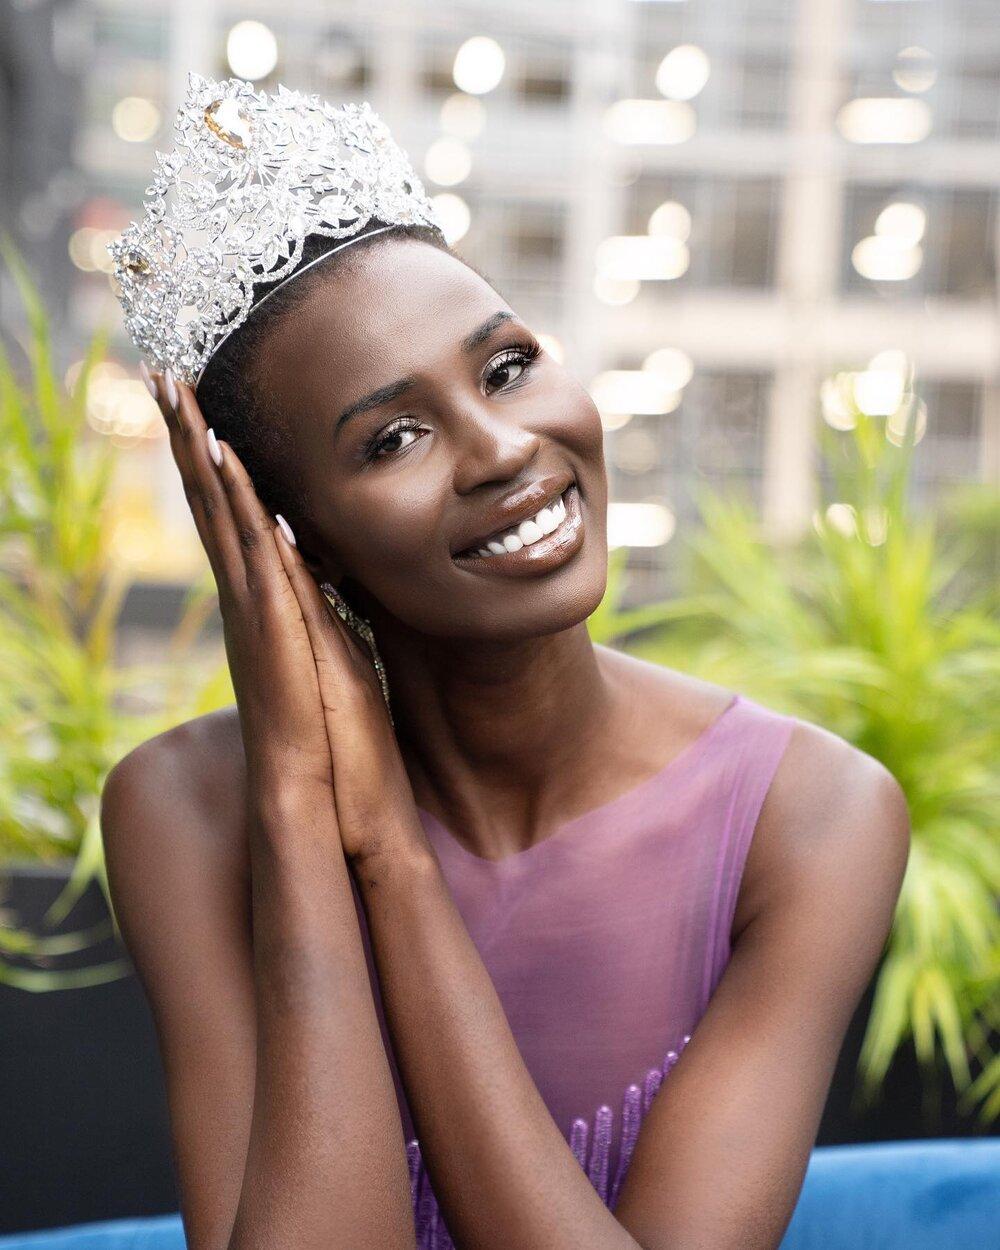 Nova Stevens là người gốc Sudan. Cô cũng là người phụ nữ gốc Sudan đầu tiên tranh tài tại Hoa hậu Hoàn vũ. Năm lên 6 tuổi, Nova phải cùng gia đình chạy trốn khỏi Sudan vì nội chiến. Cô được gửi sang Canada để lánh nạn. Nova mới đoàn tụ gia đình sau 21 năm xa cách vào trung tuần tháng 4 vừa qua..